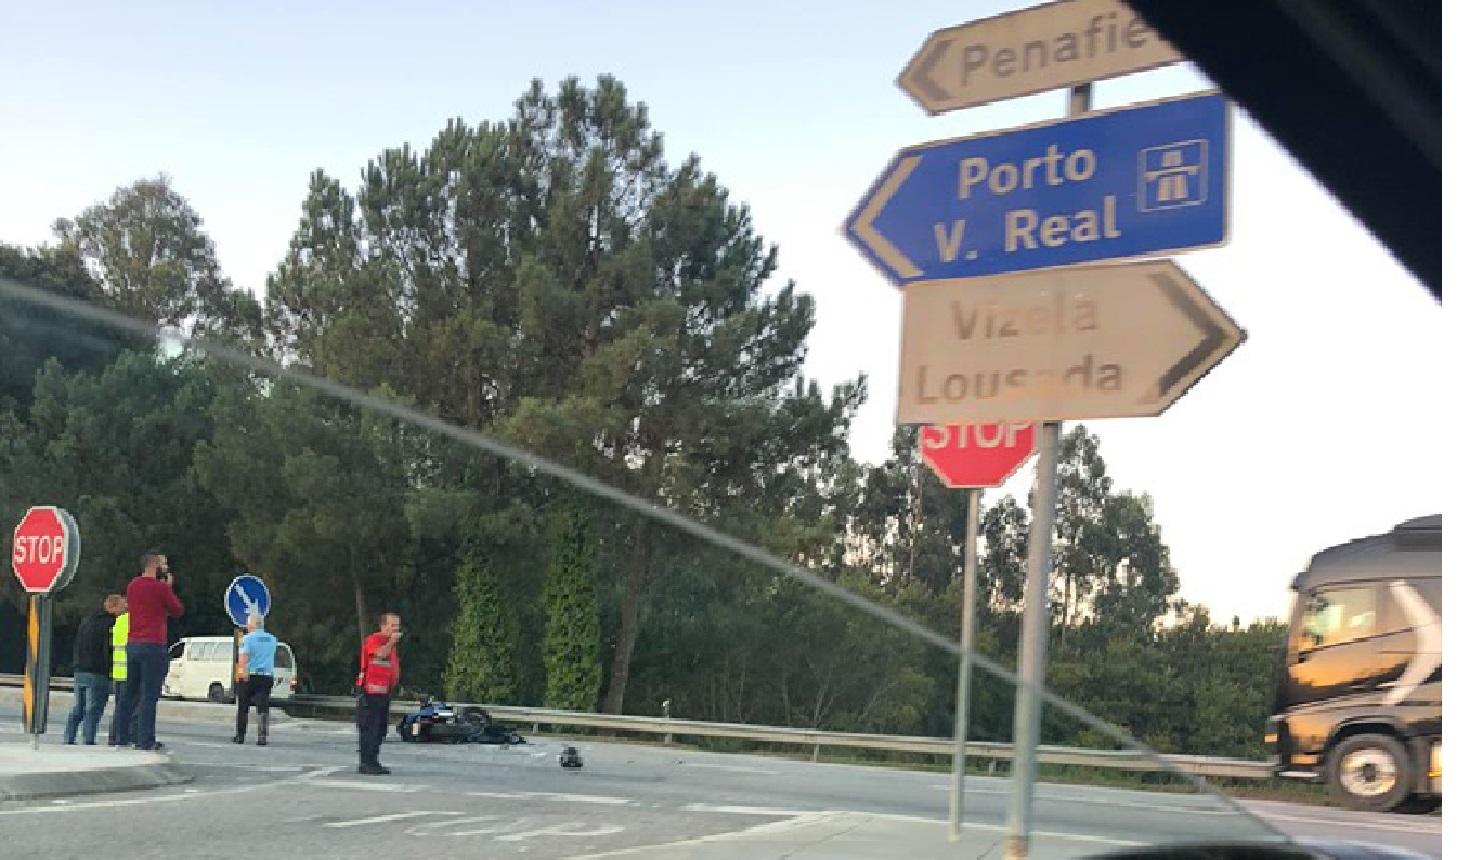 Motocilista ferido com gravidade em Penafiel 1 1